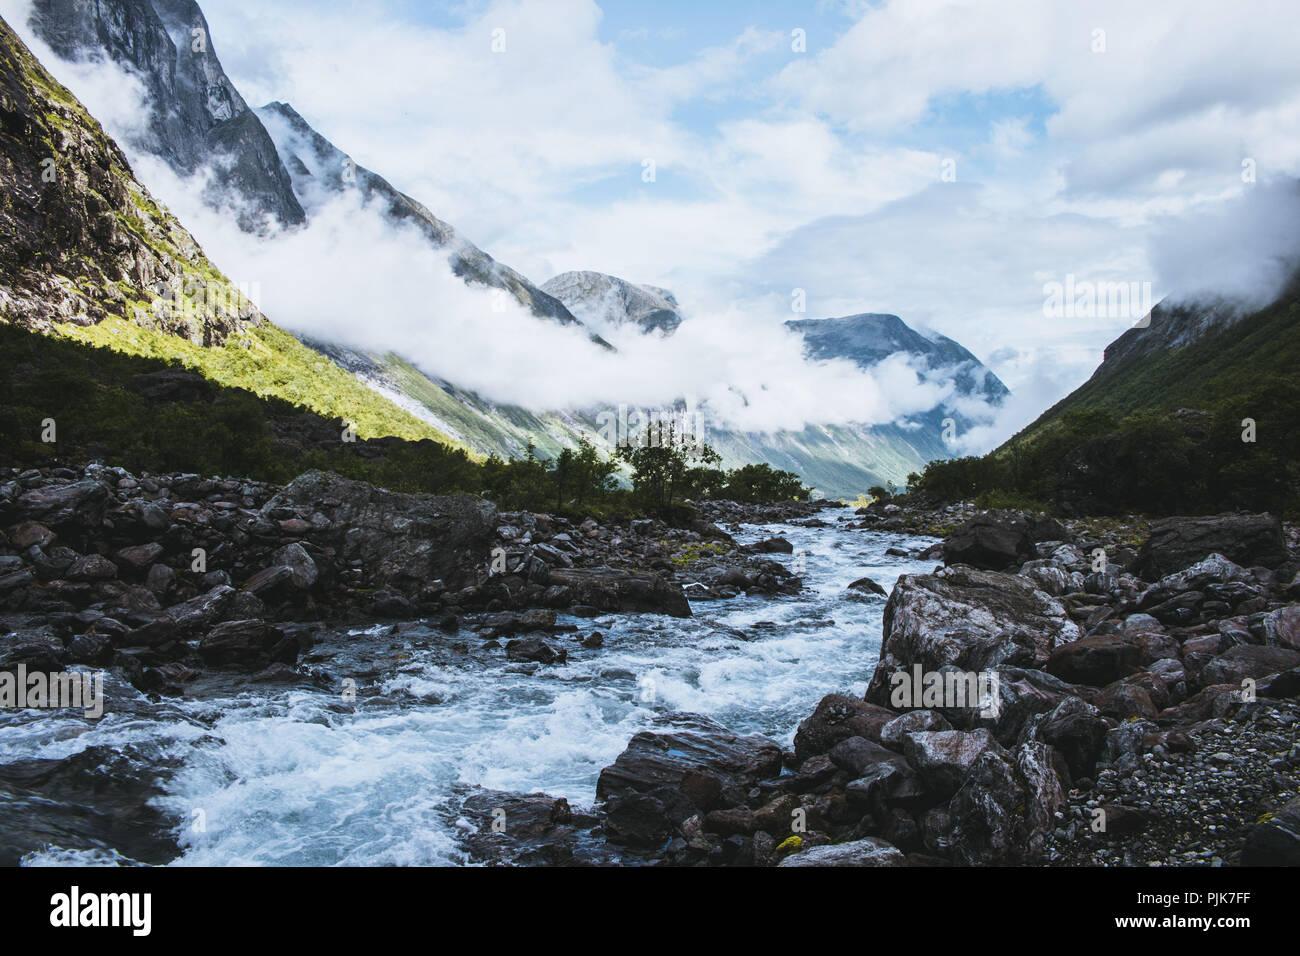 Norway, Møre og Romsdal, Trollstigen - Stock Image